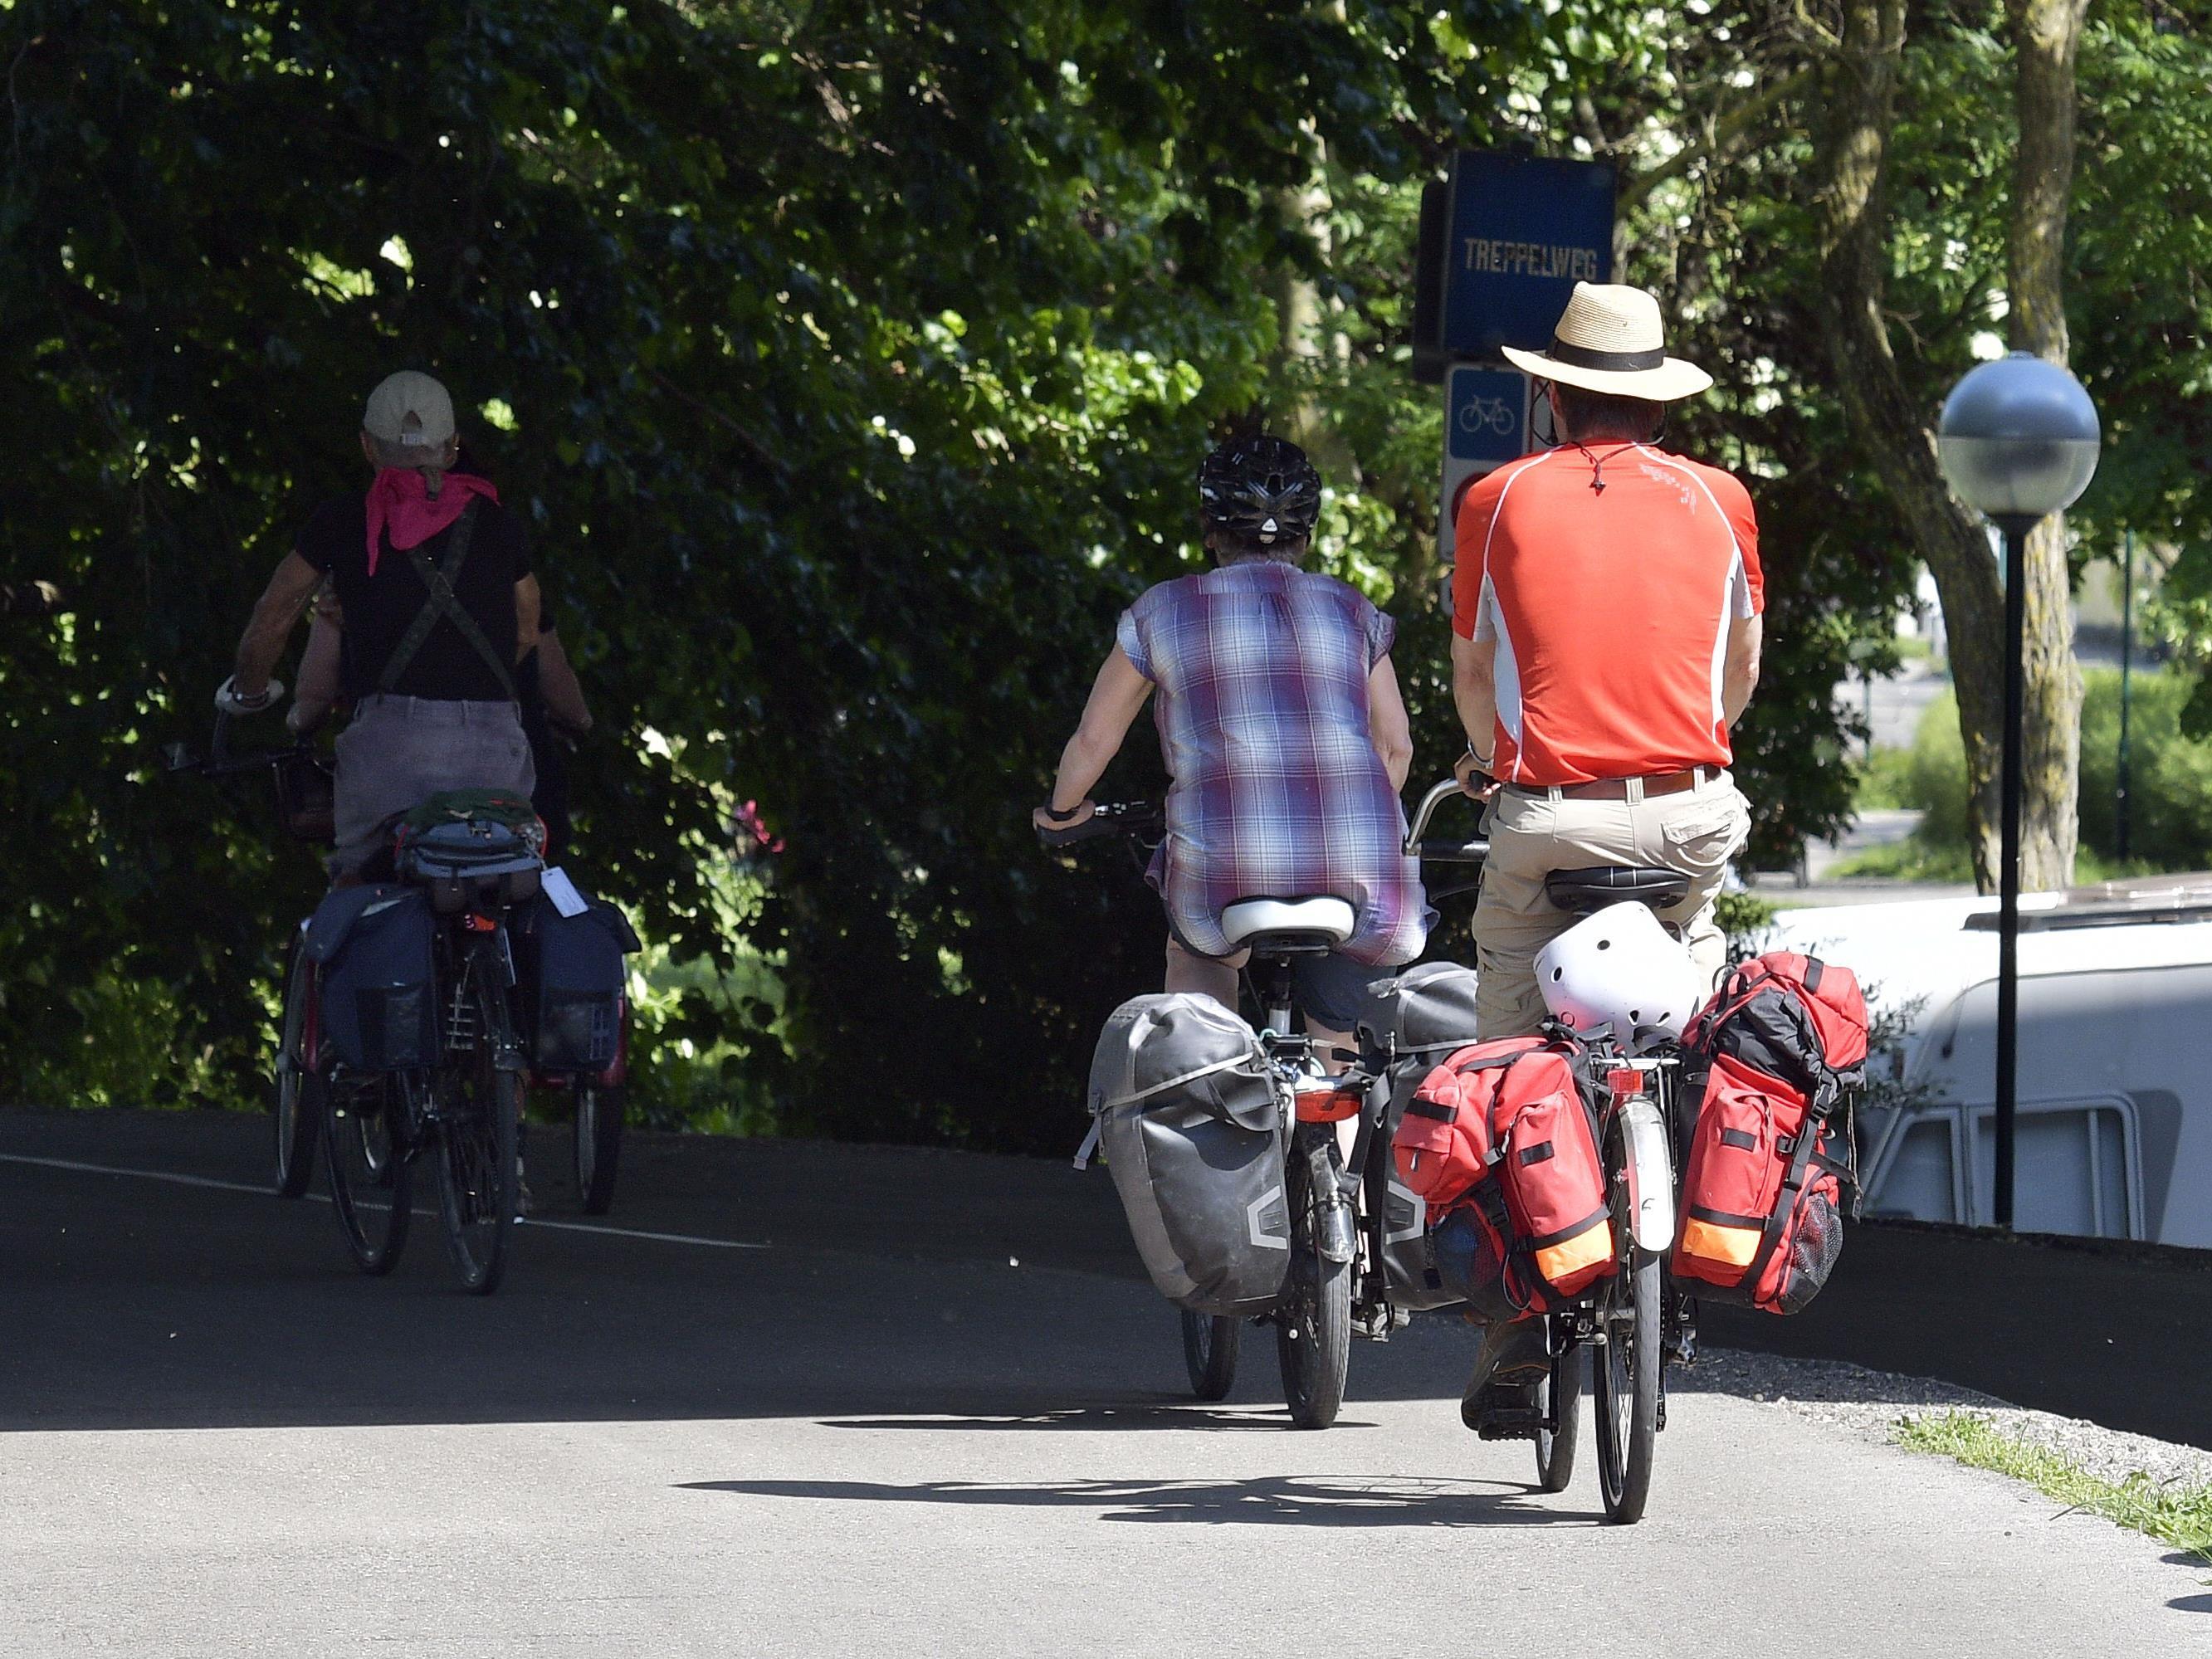 Rekordwert im Juni: Noch nie waren so viele Wiener mit dem Rad unterwegs